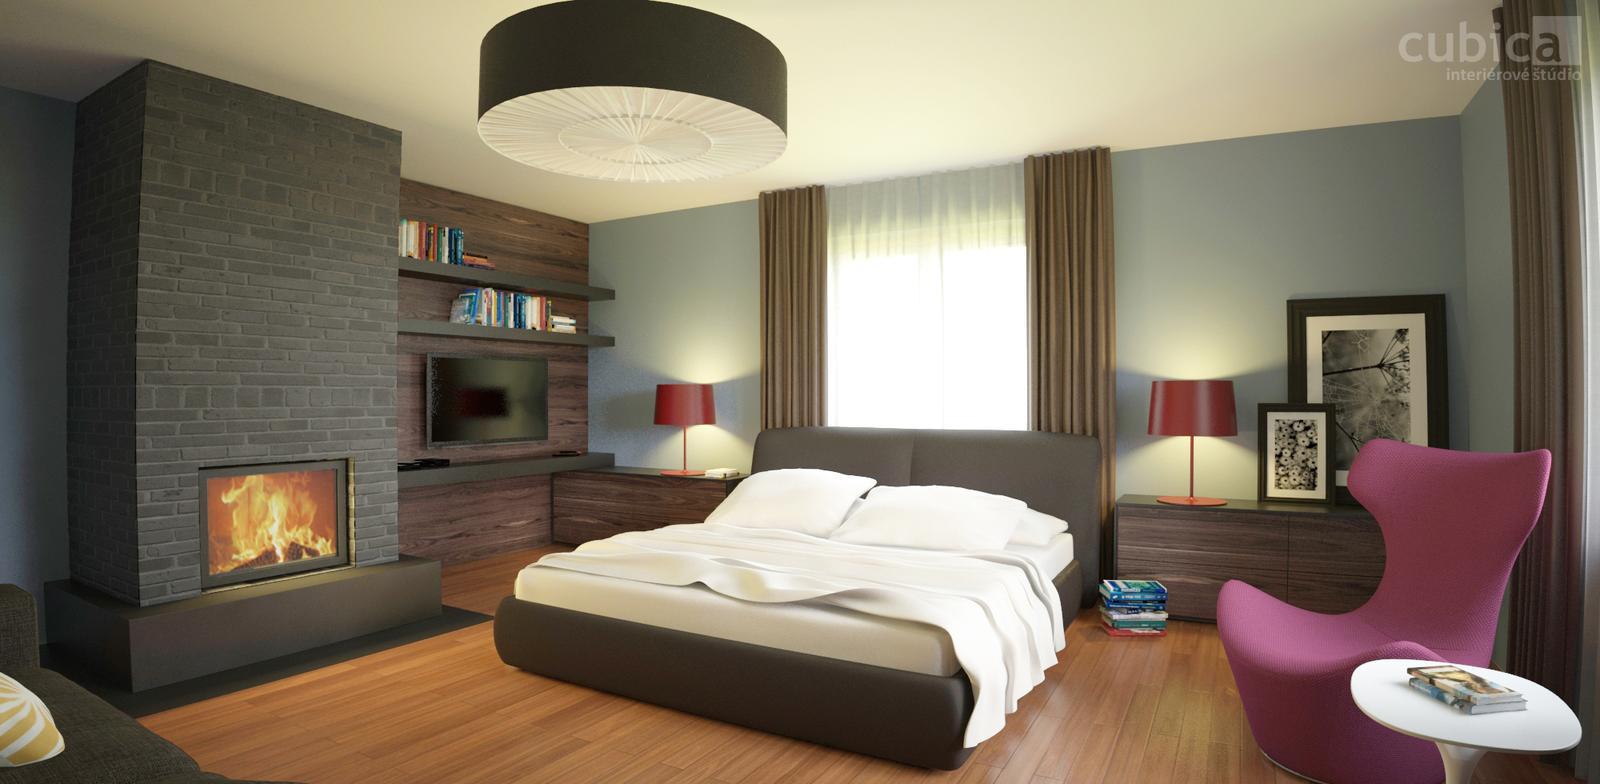 Návrh interiéru rodinného domu - Návrh interiéru rodinného domu - spálňa